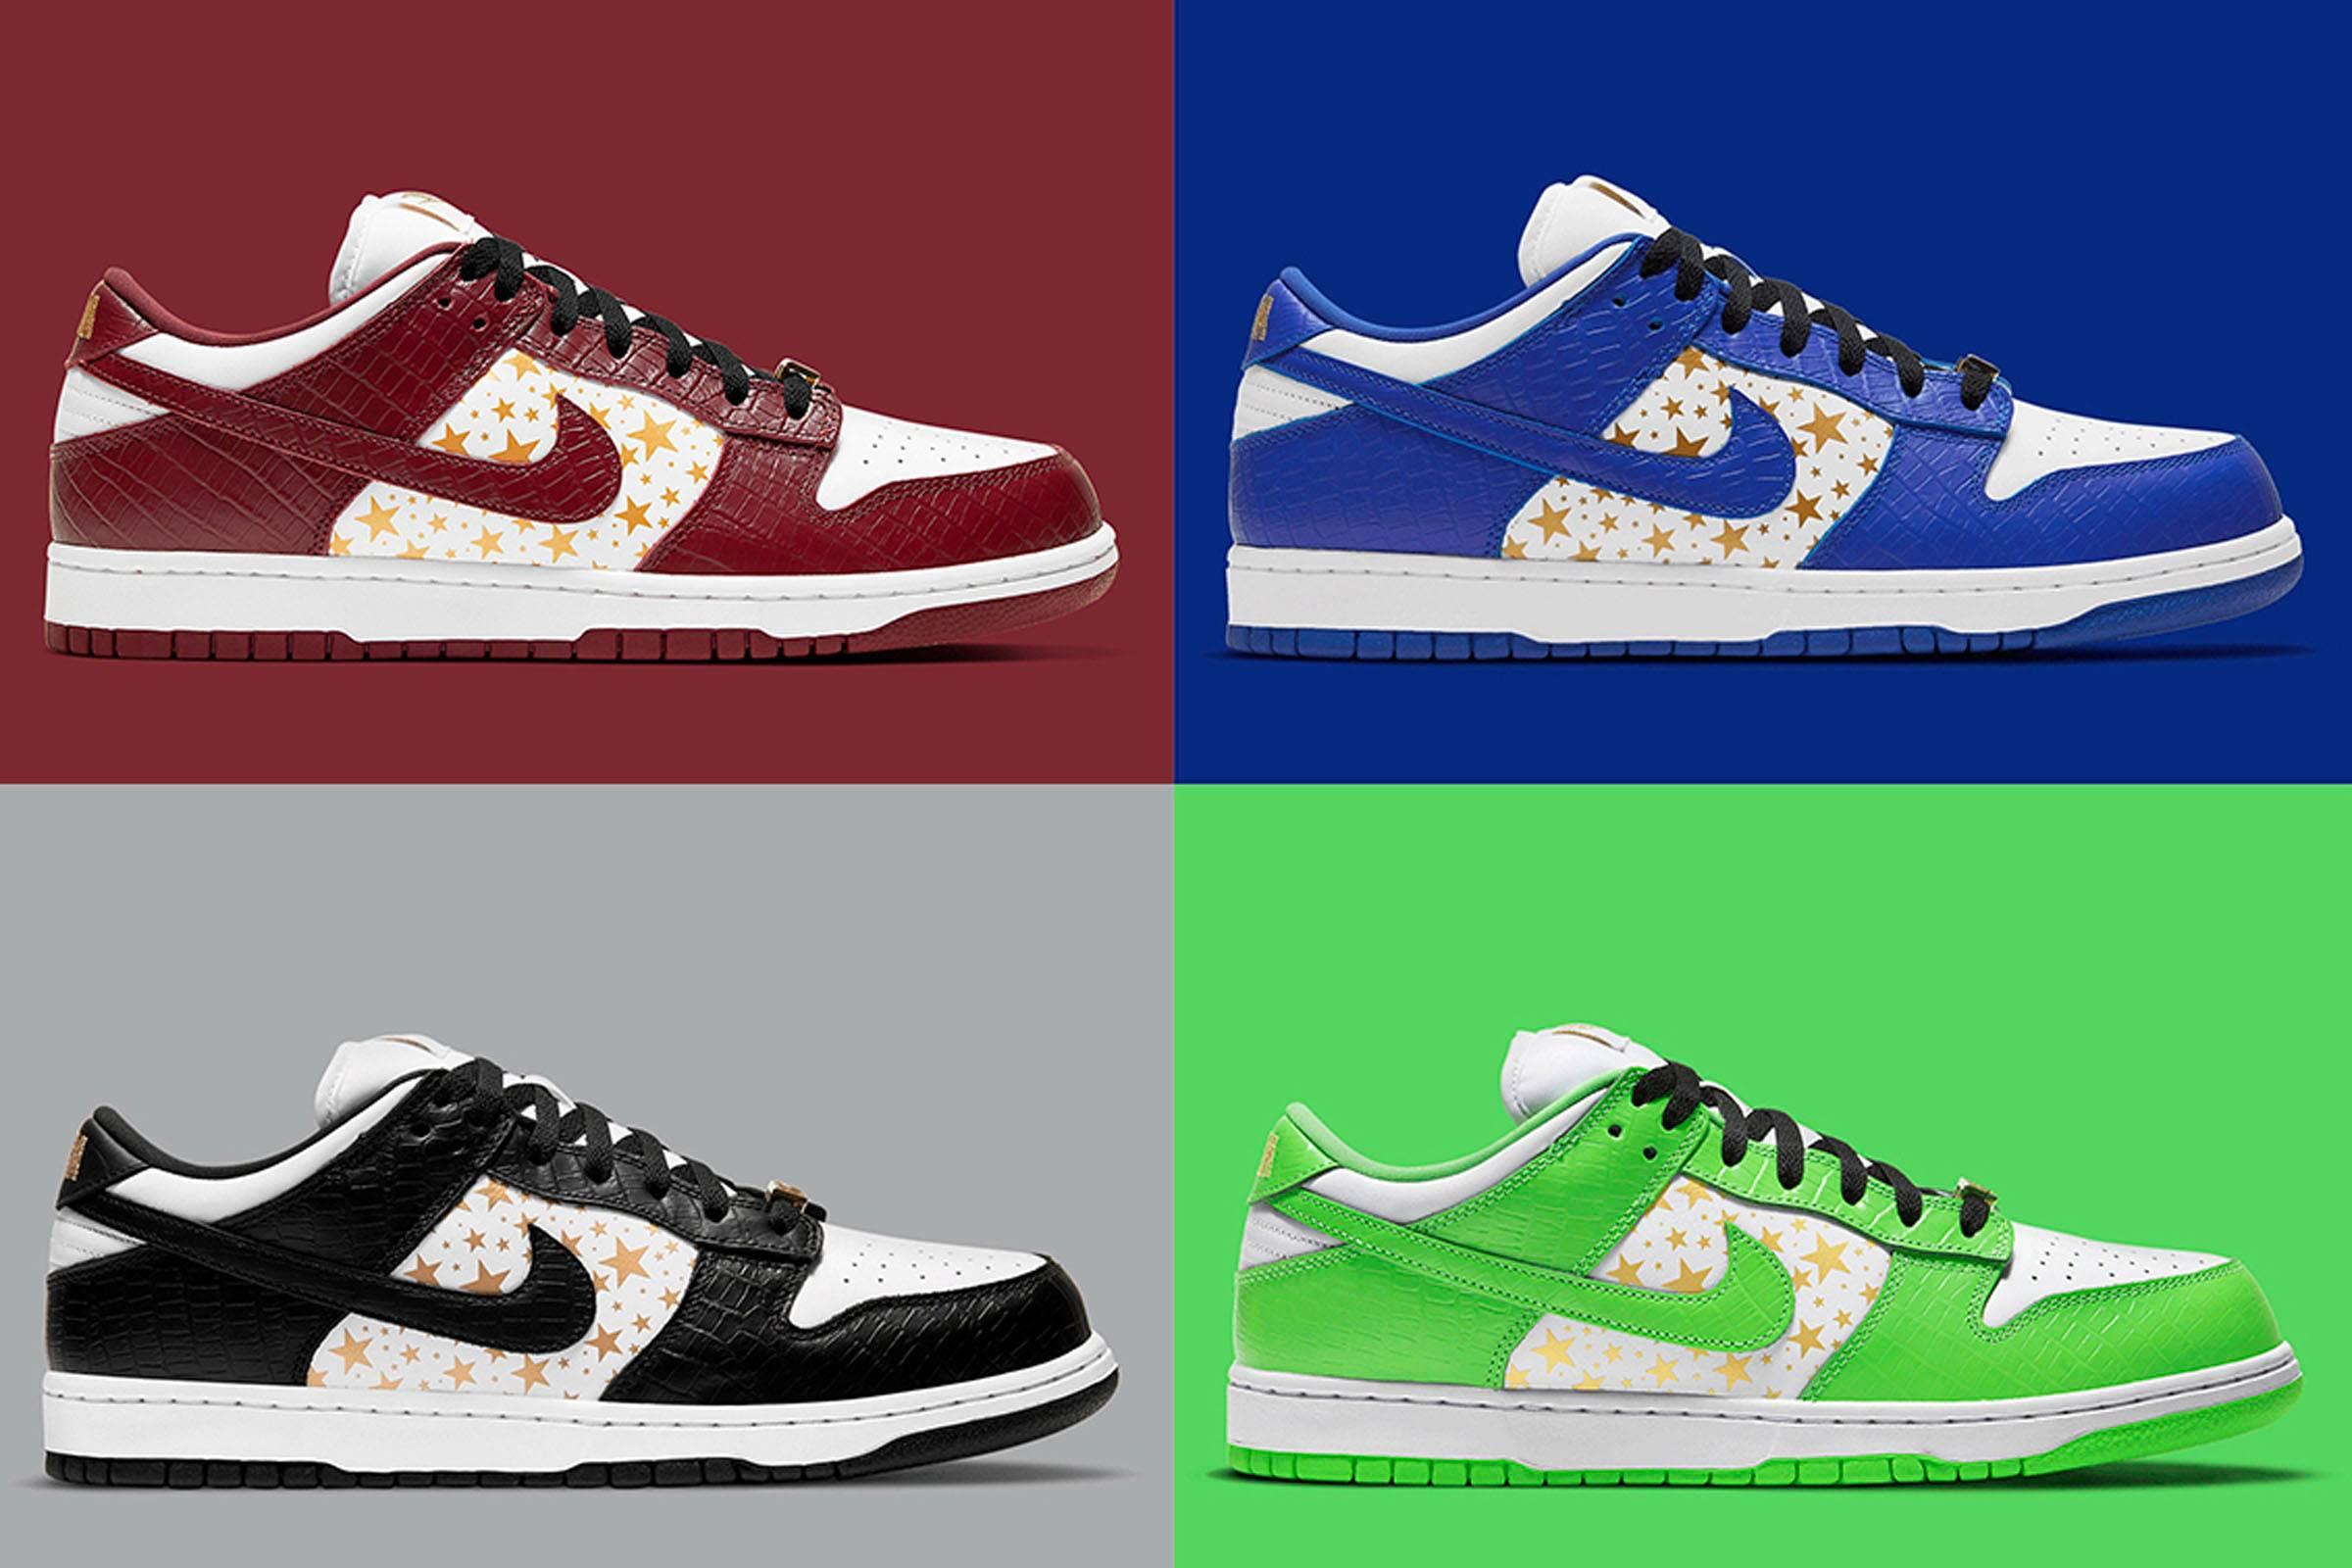 The Week In Sneakers: Week of March 1, 2021